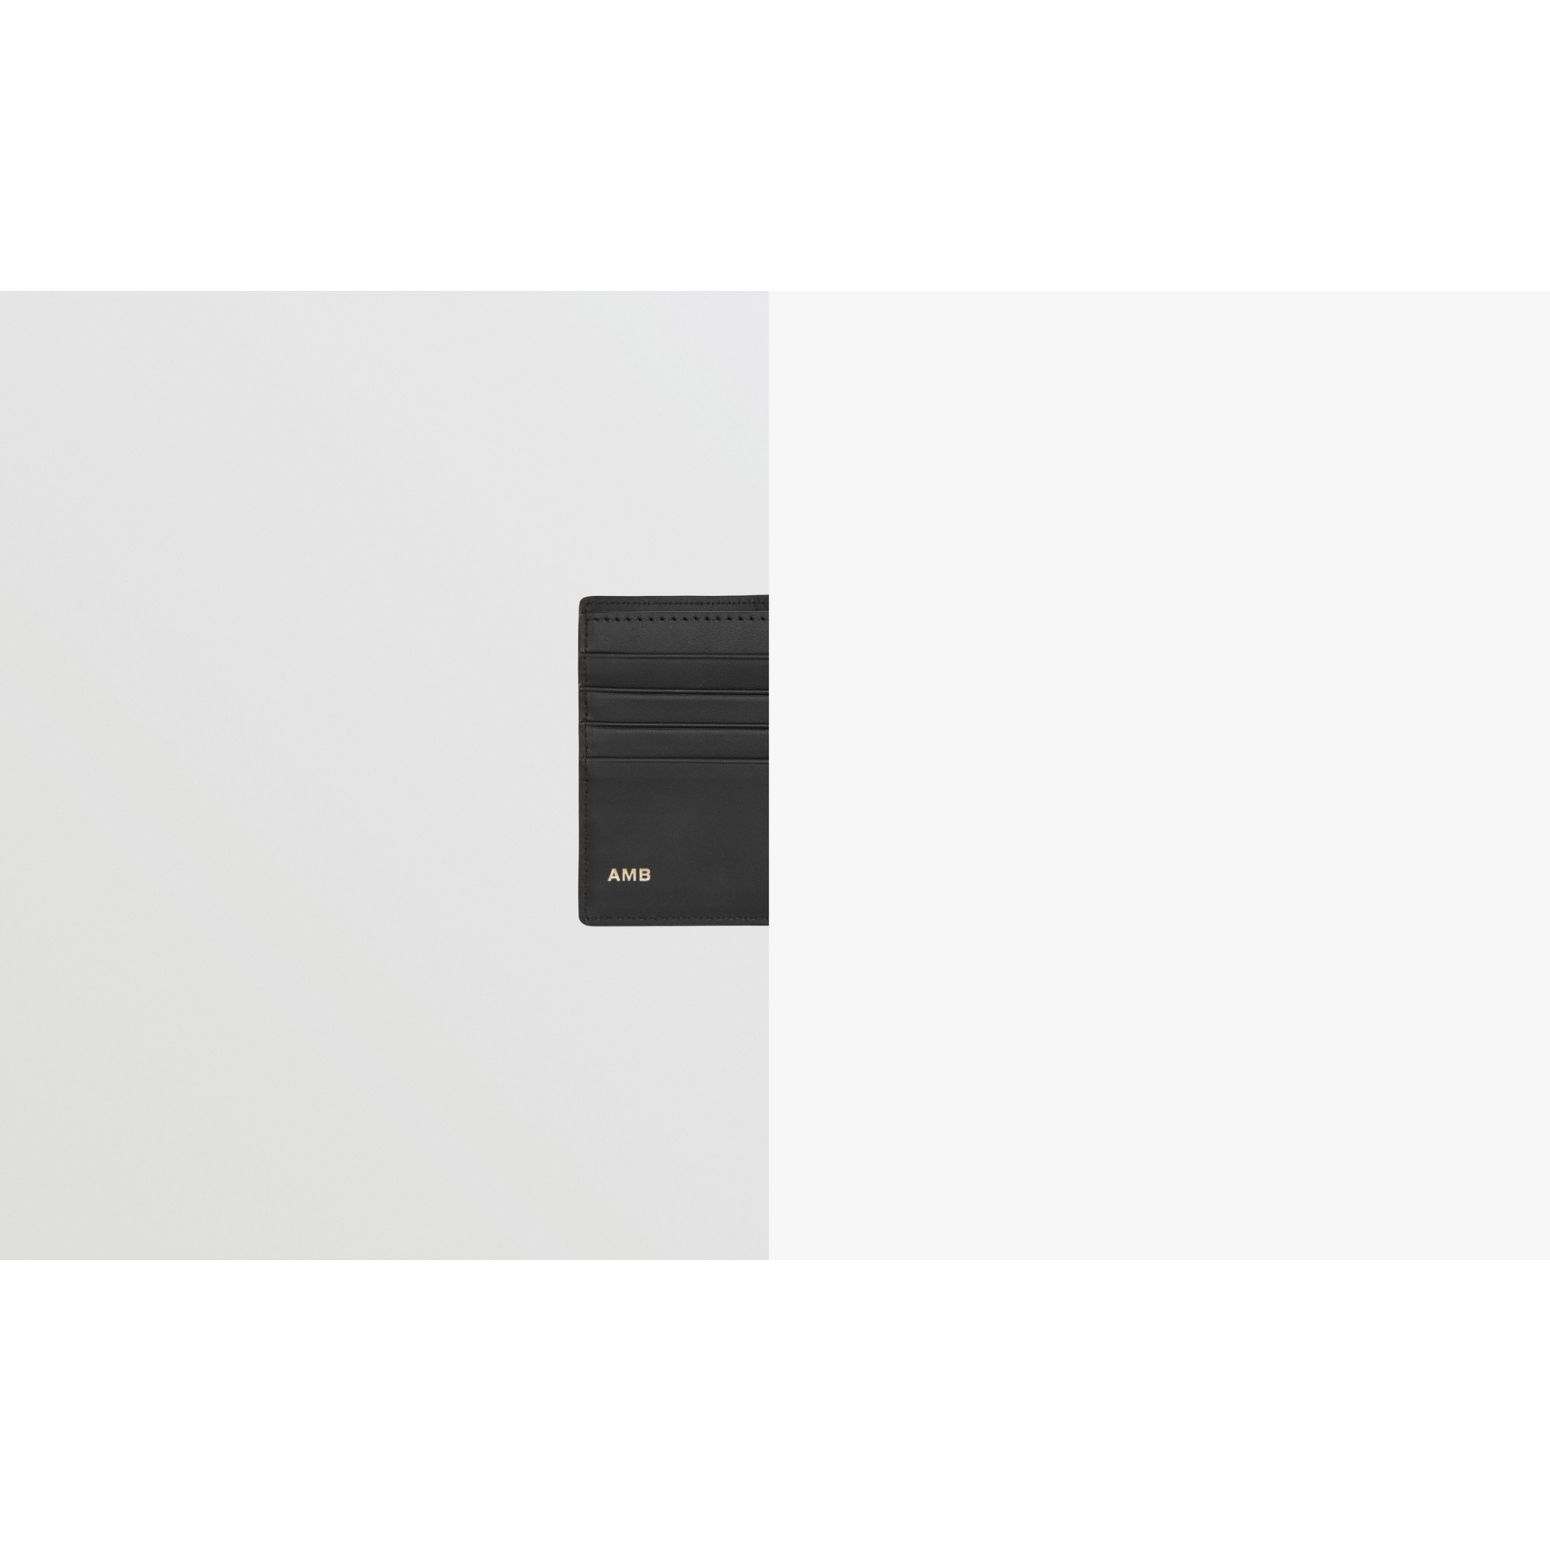 ロンドンチェック&レザー インターナショナル バイフォールドウォレット (ネイビー) - メンズ | バーバリー - ギャラリーイメージ 1